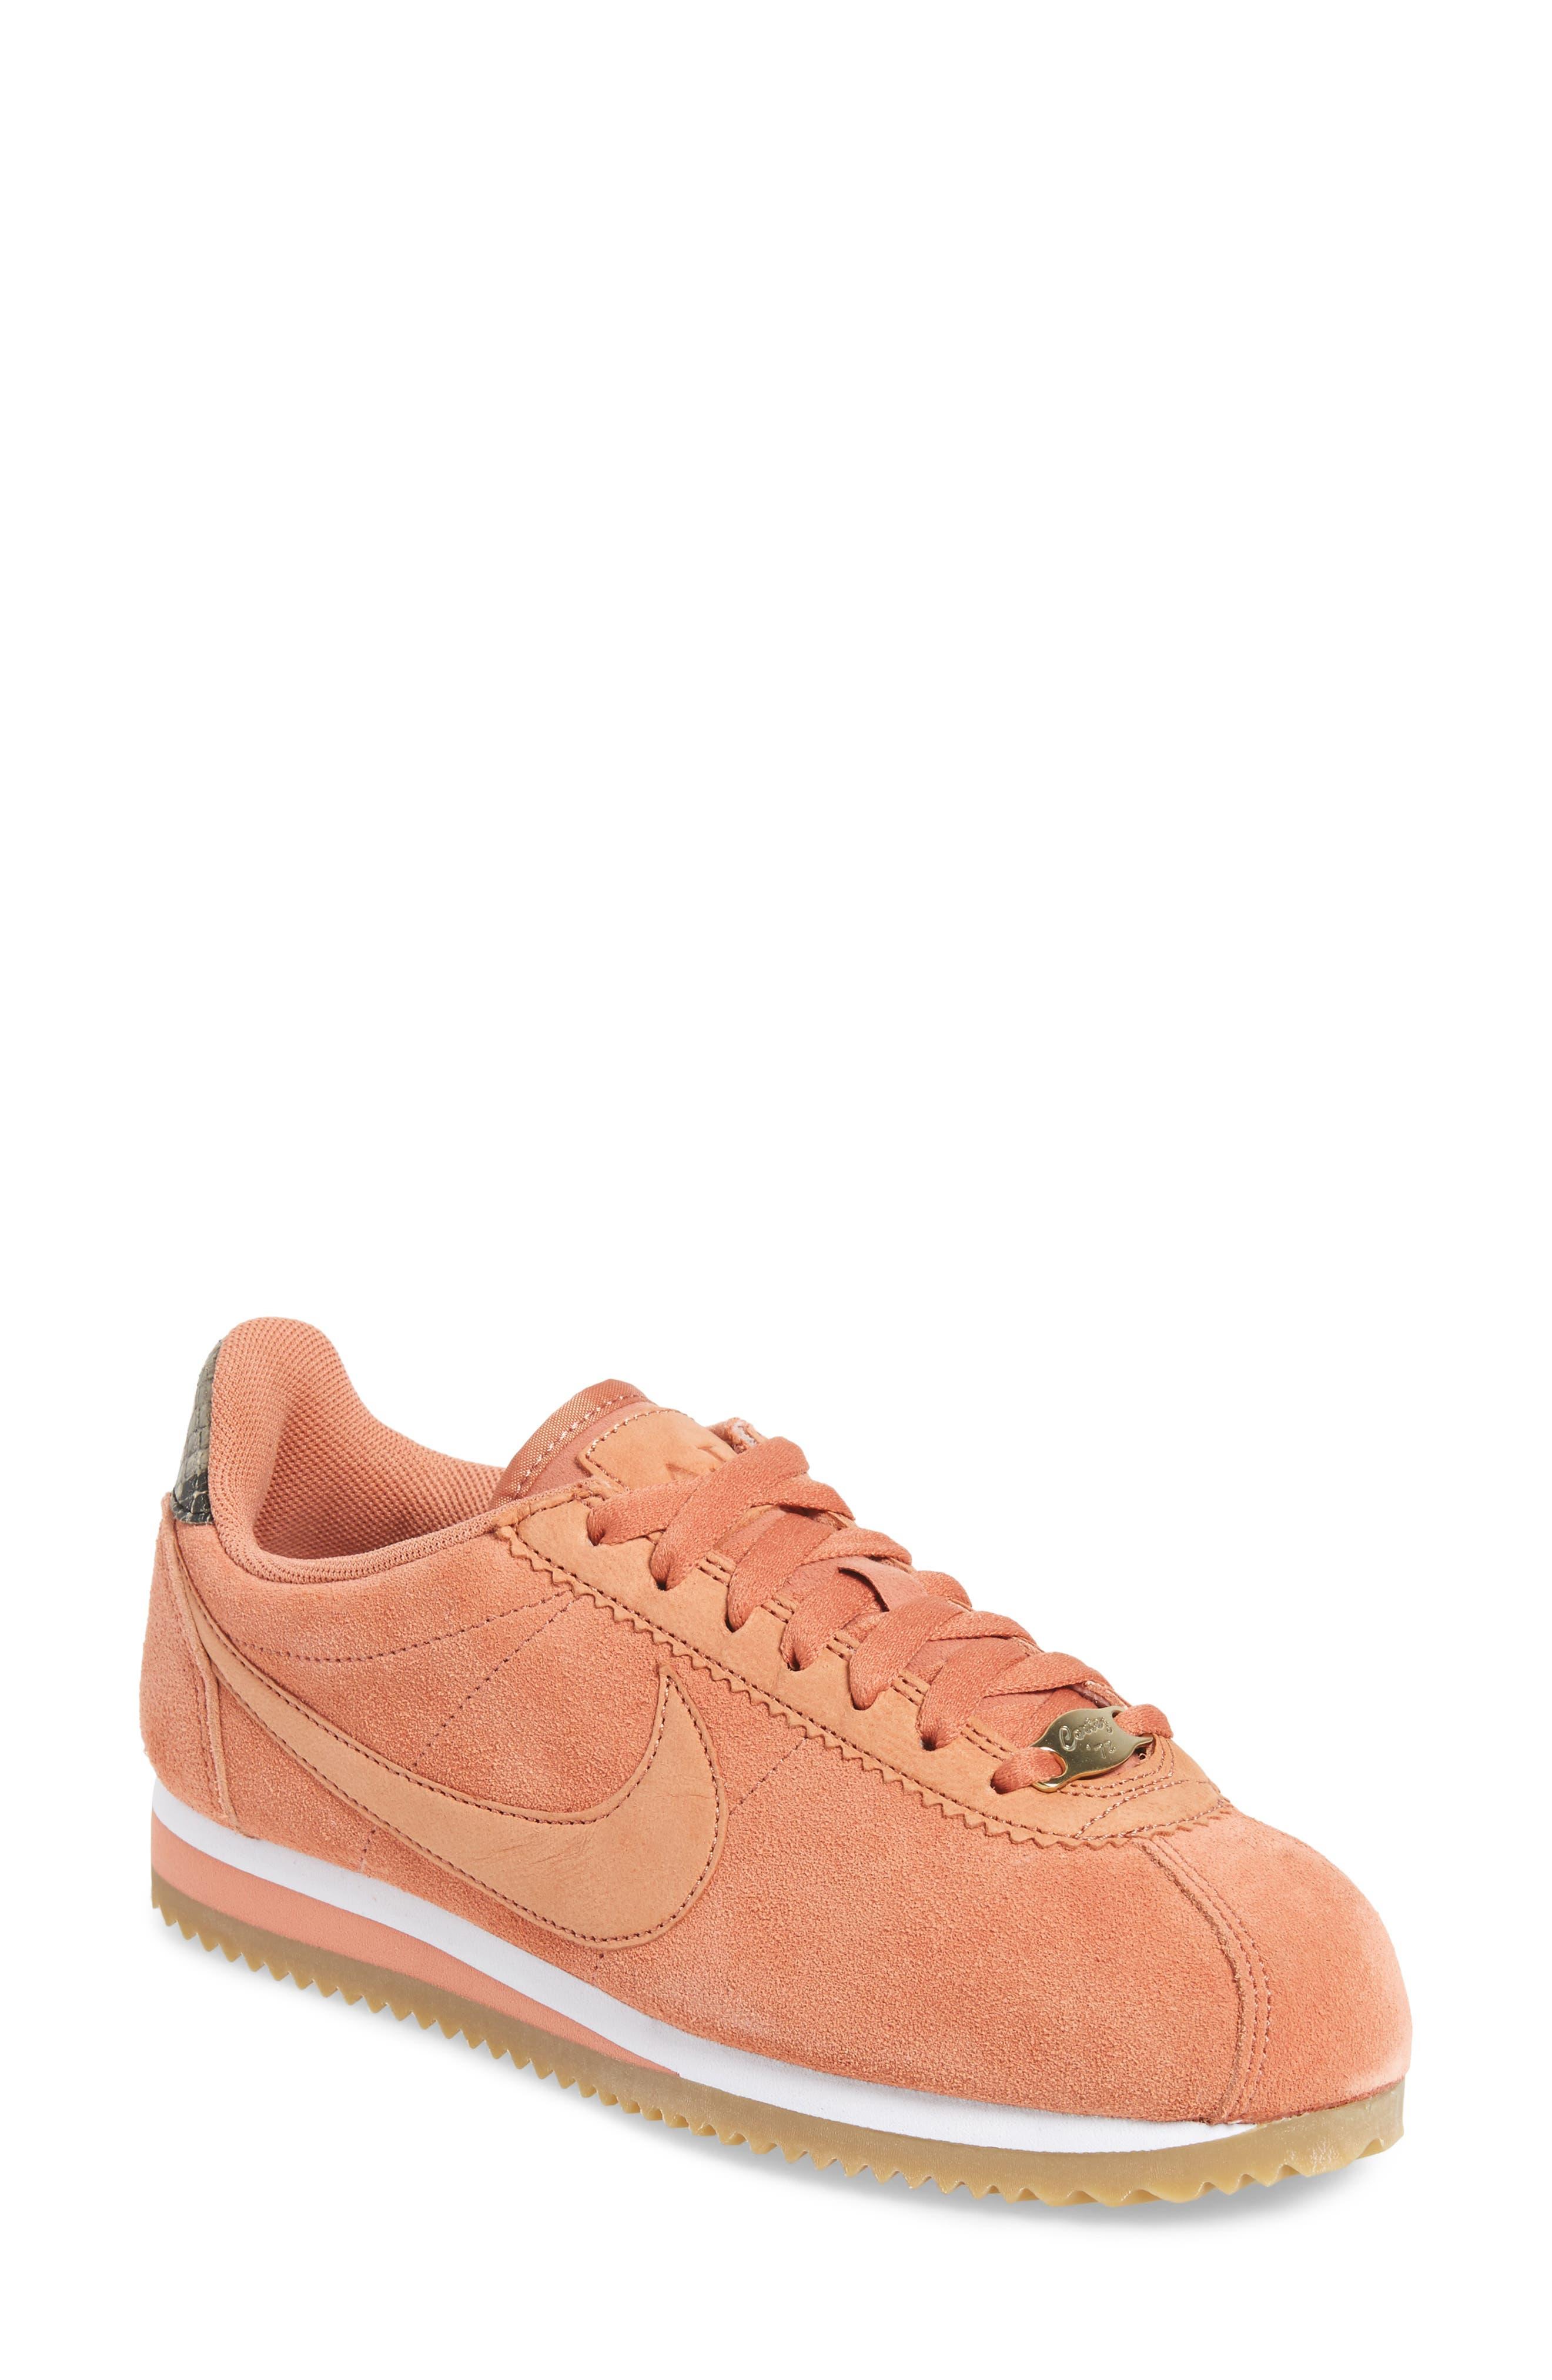 x A.L.C. Classic Cortez Sneaker,                             Main thumbnail 4, color,